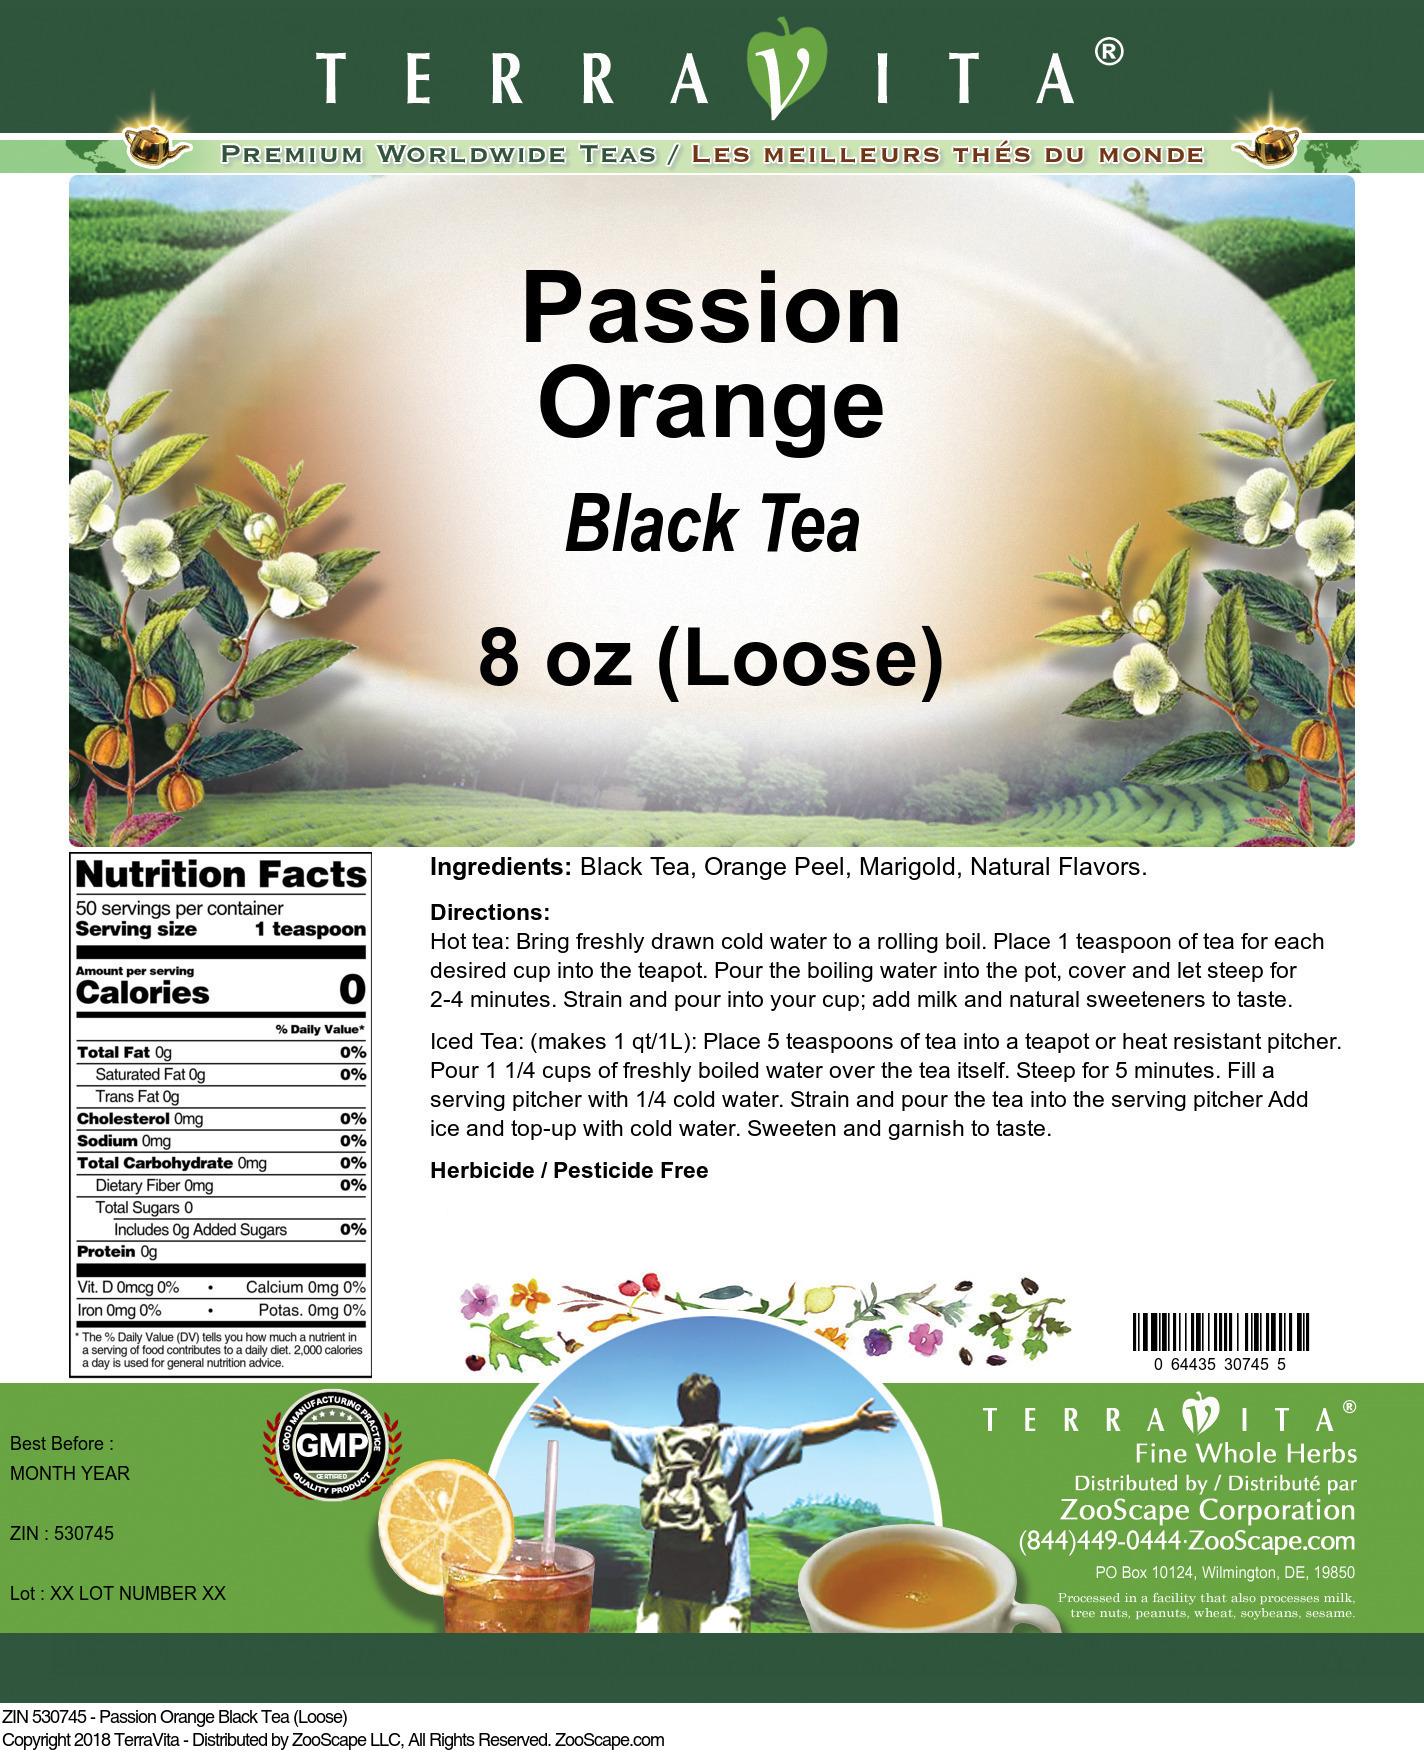 Passion Orange Black Tea